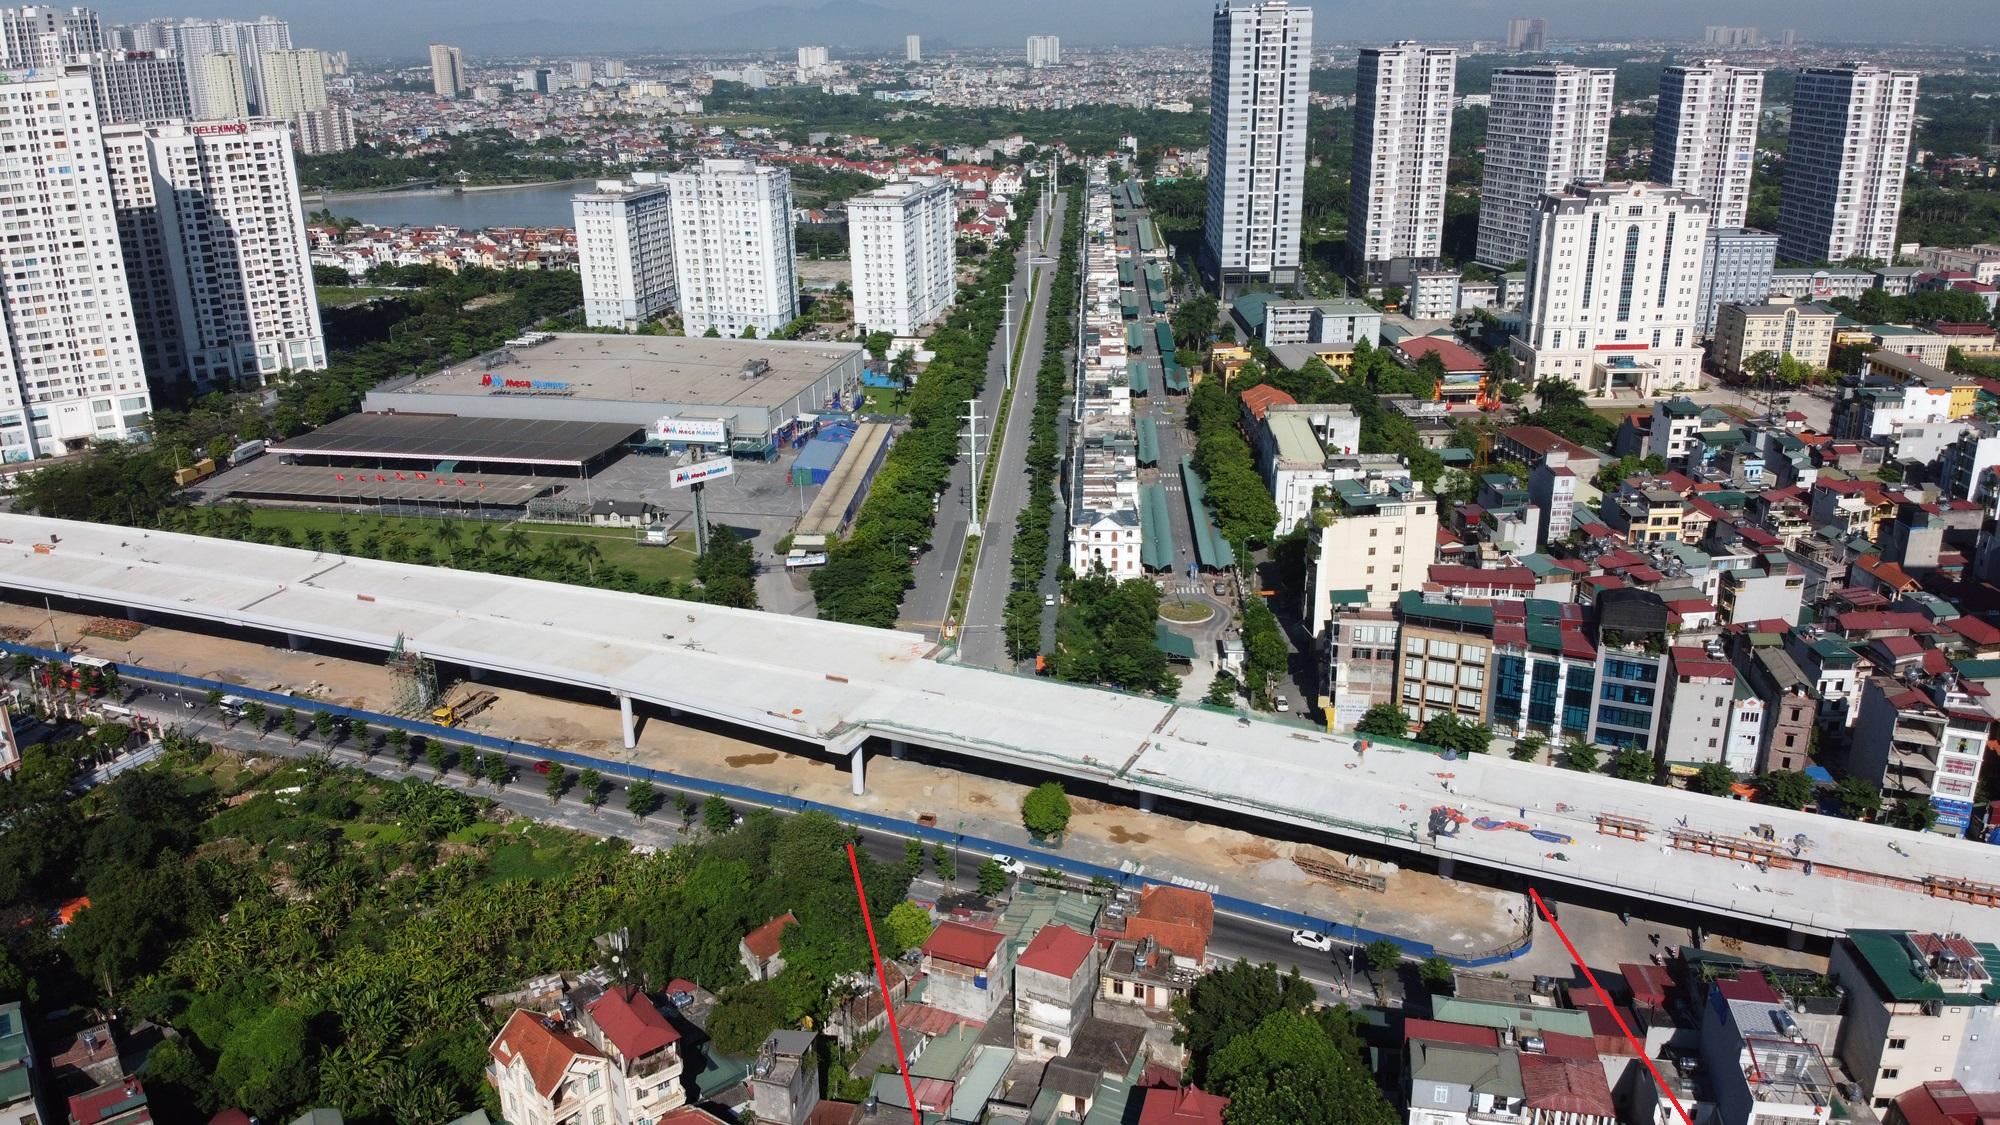 4 đường sẽ mở theo qui hoạch ở phường Cổ Nhuế 1, Bắc Từ Liêm, Hà Nội - Ảnh 5.